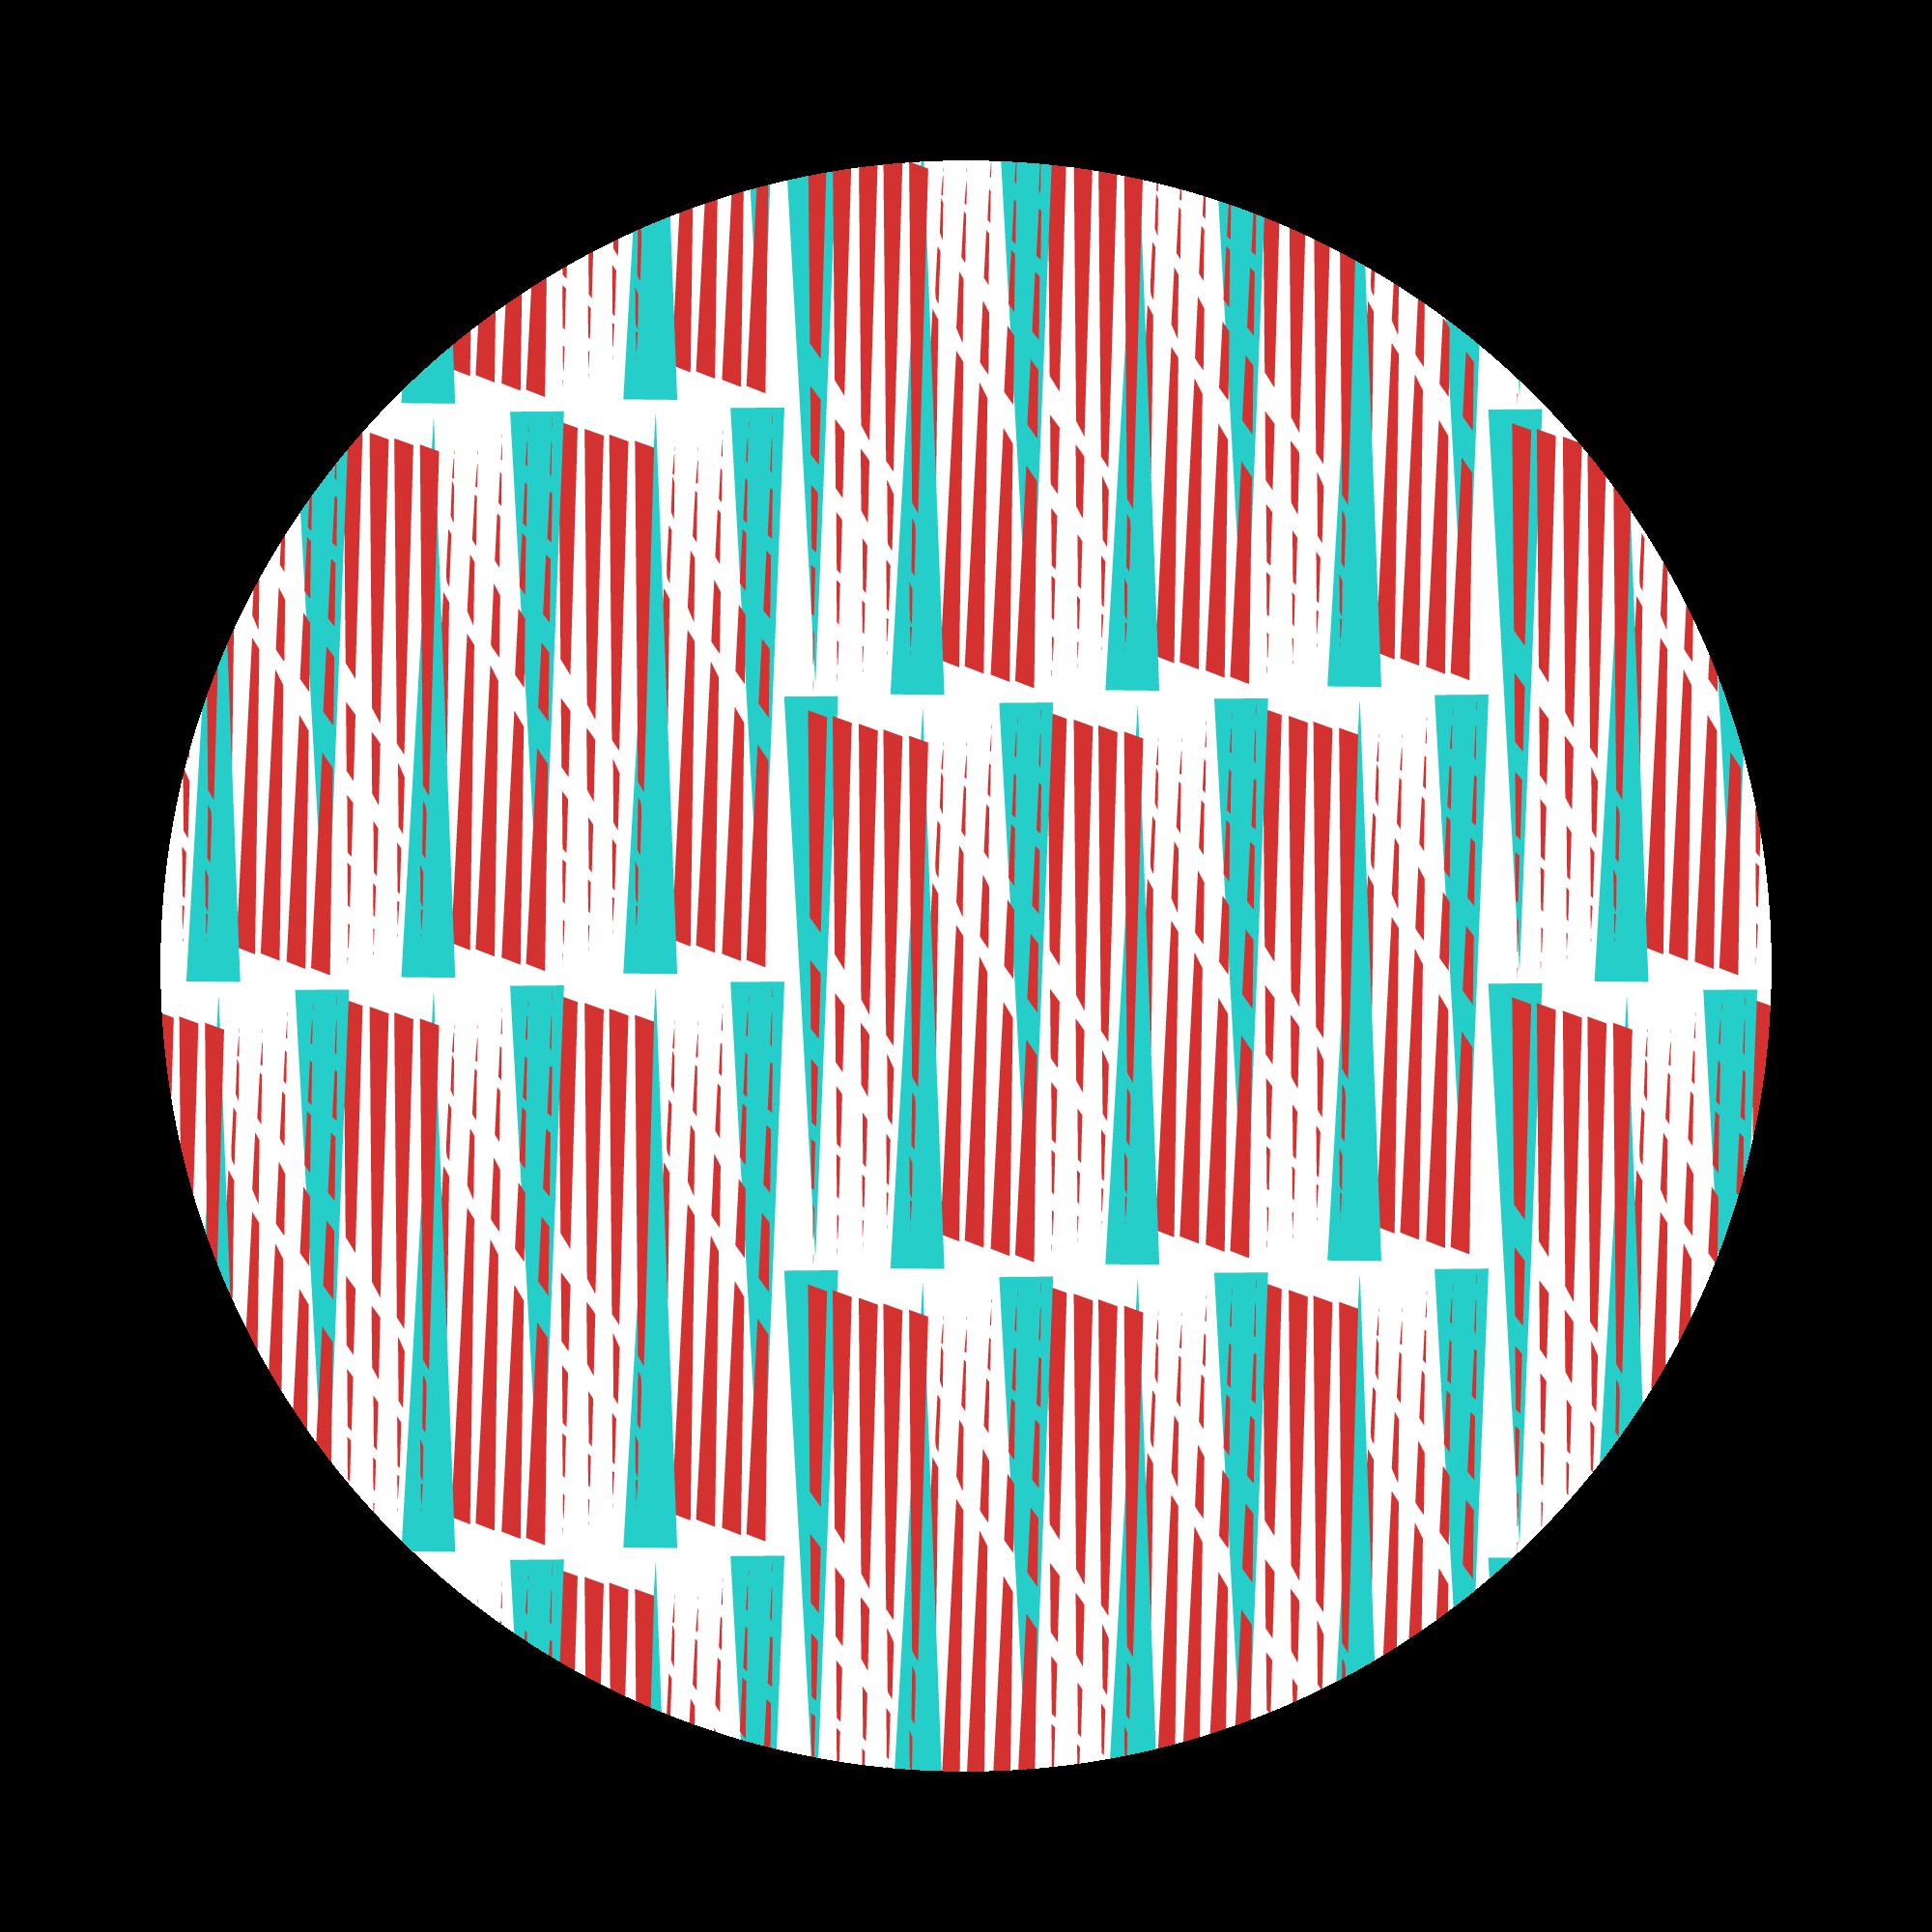 pattern7.png